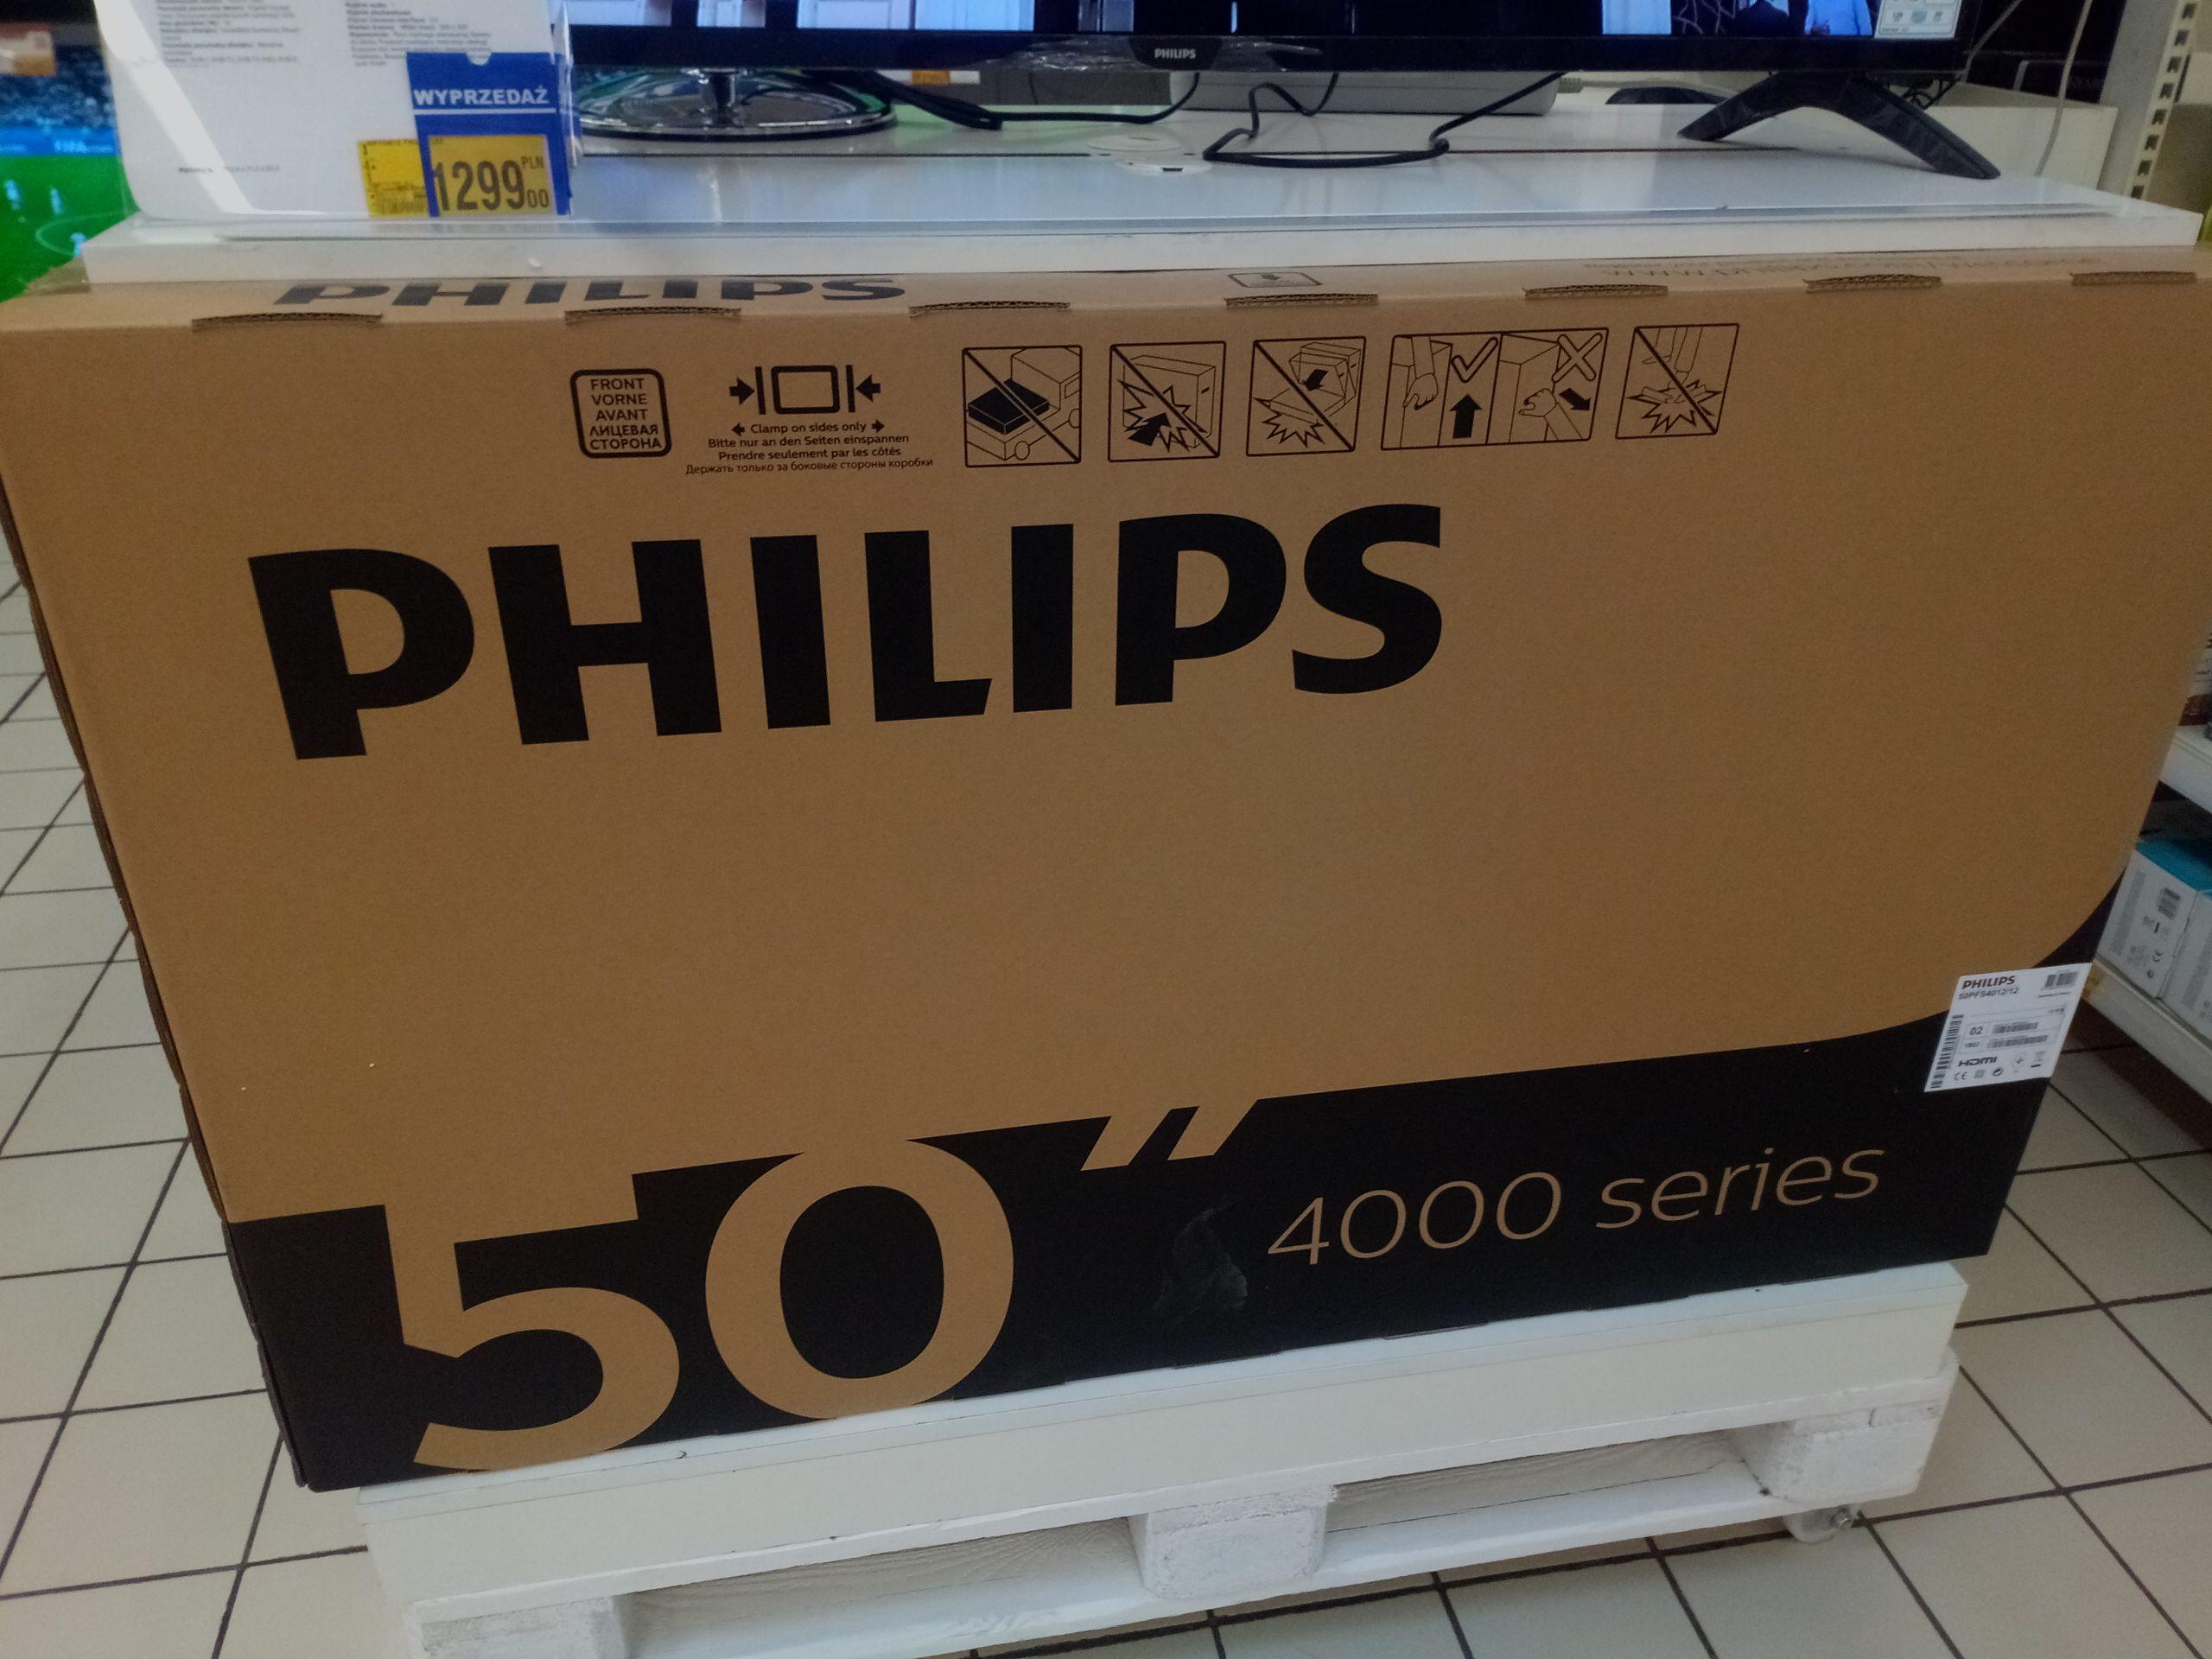 Tv Philips 50PFS4012/12 wyprzedaż Auchan białystok